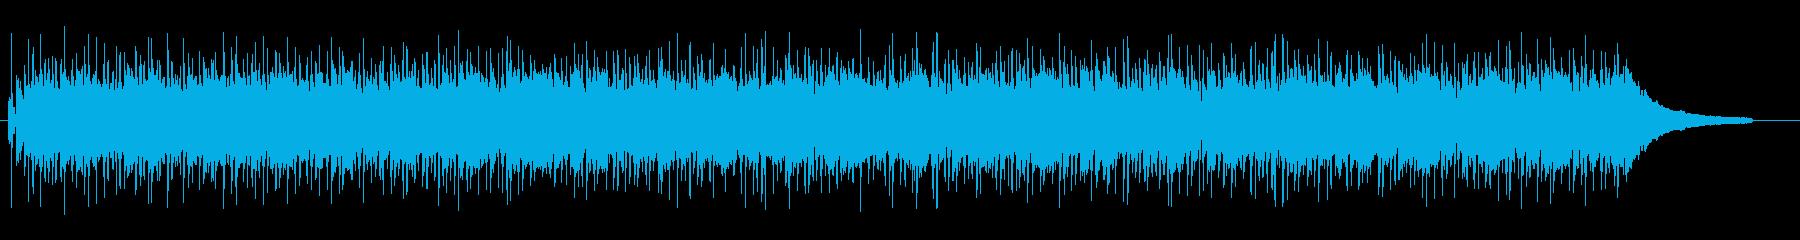 キラキラ アップテンポ アコースティックの再生済みの波形